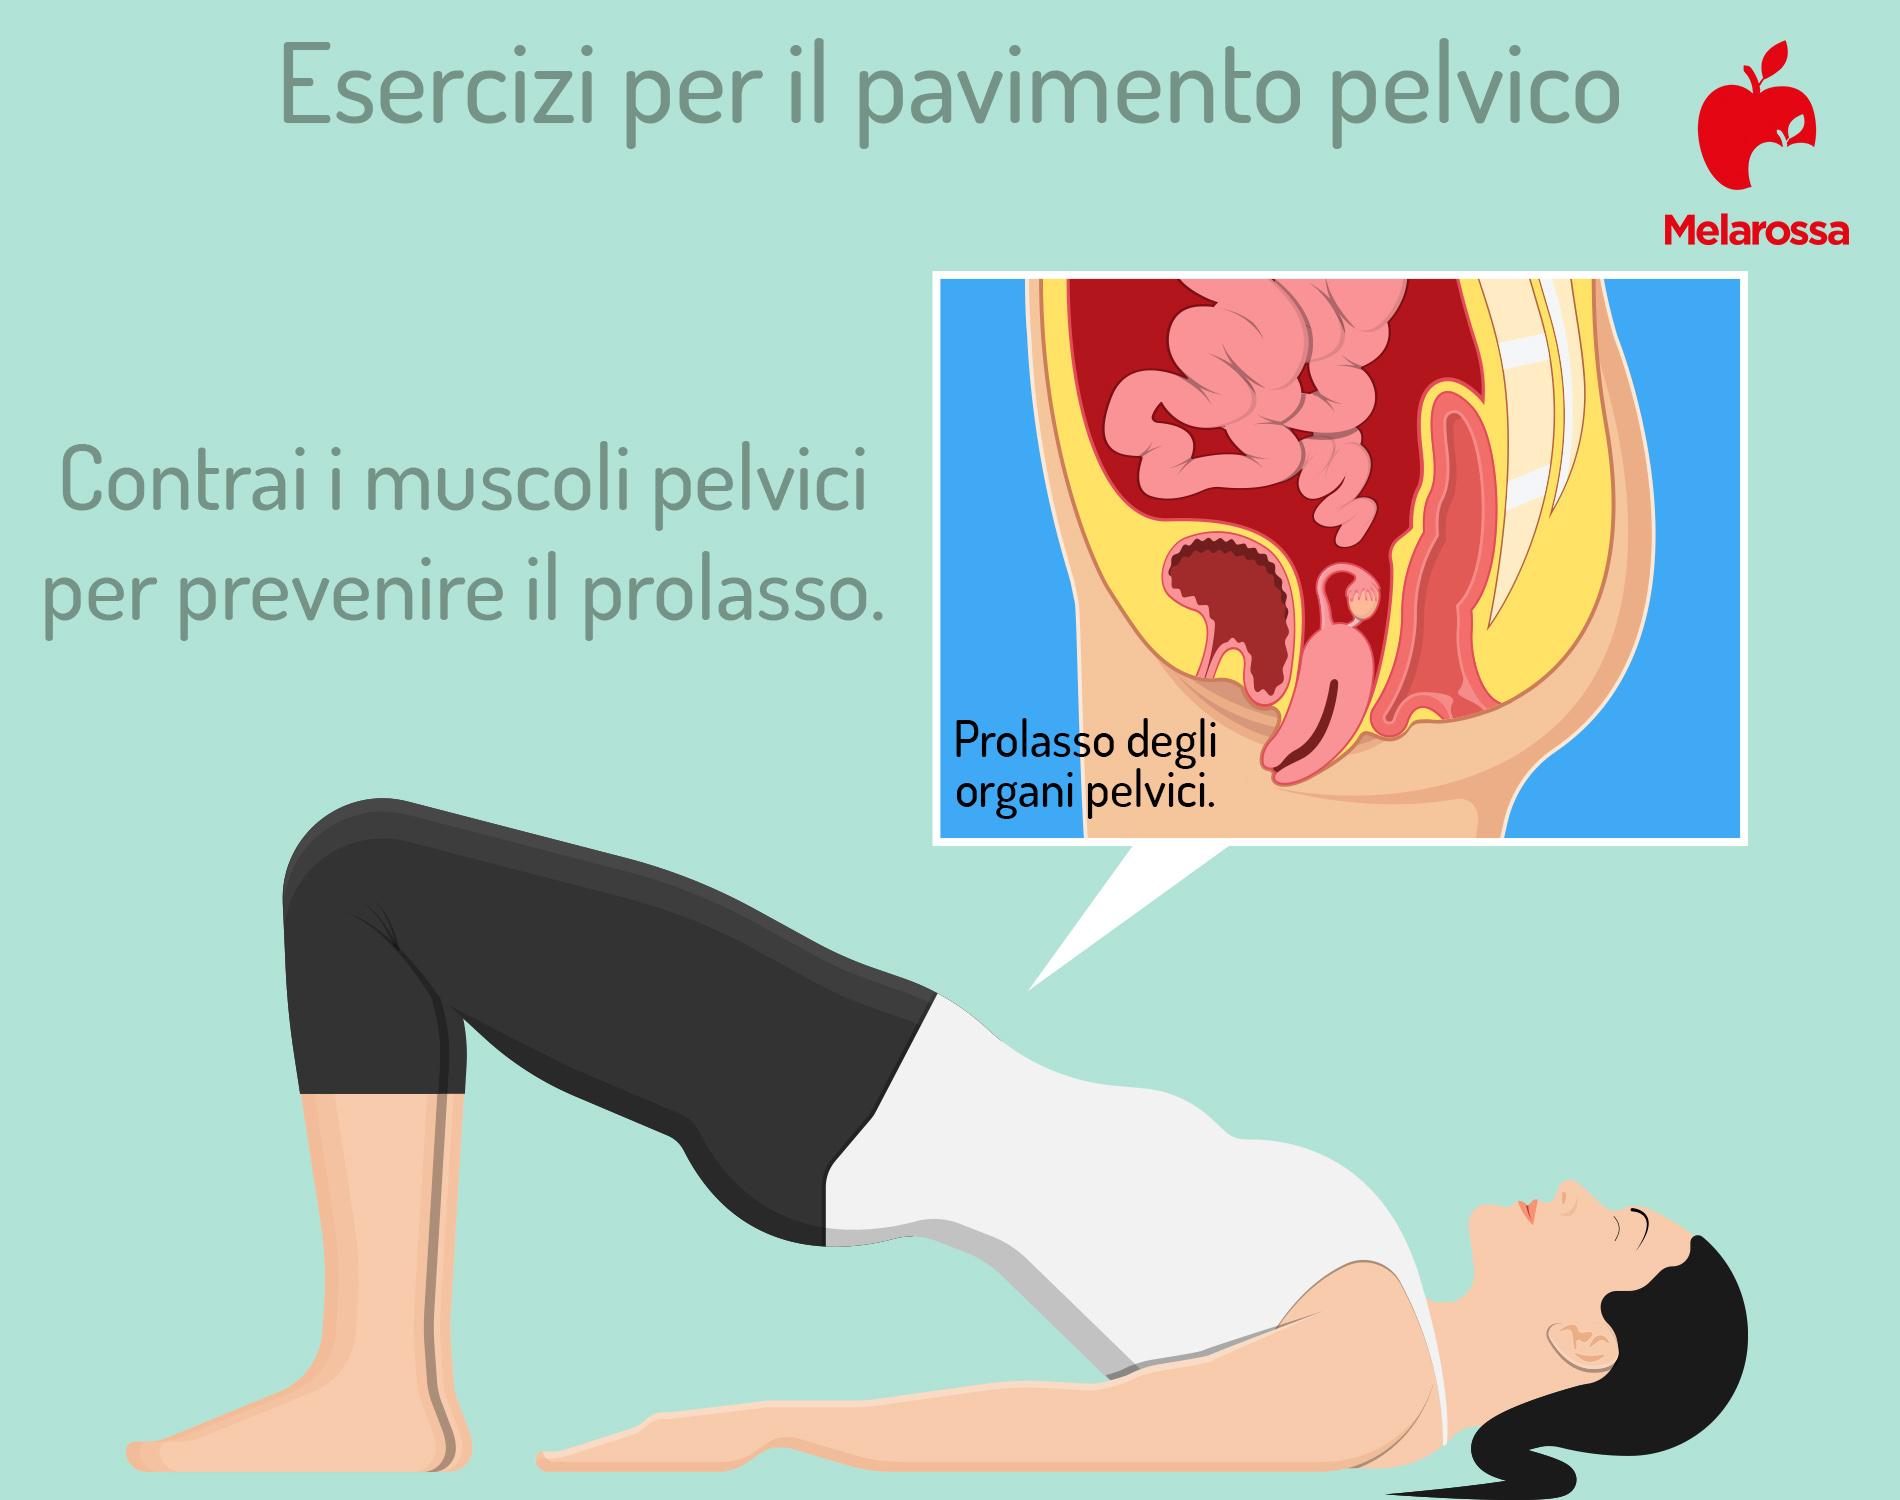 Esercizi di Kegel esercizi per pavimento pelvico